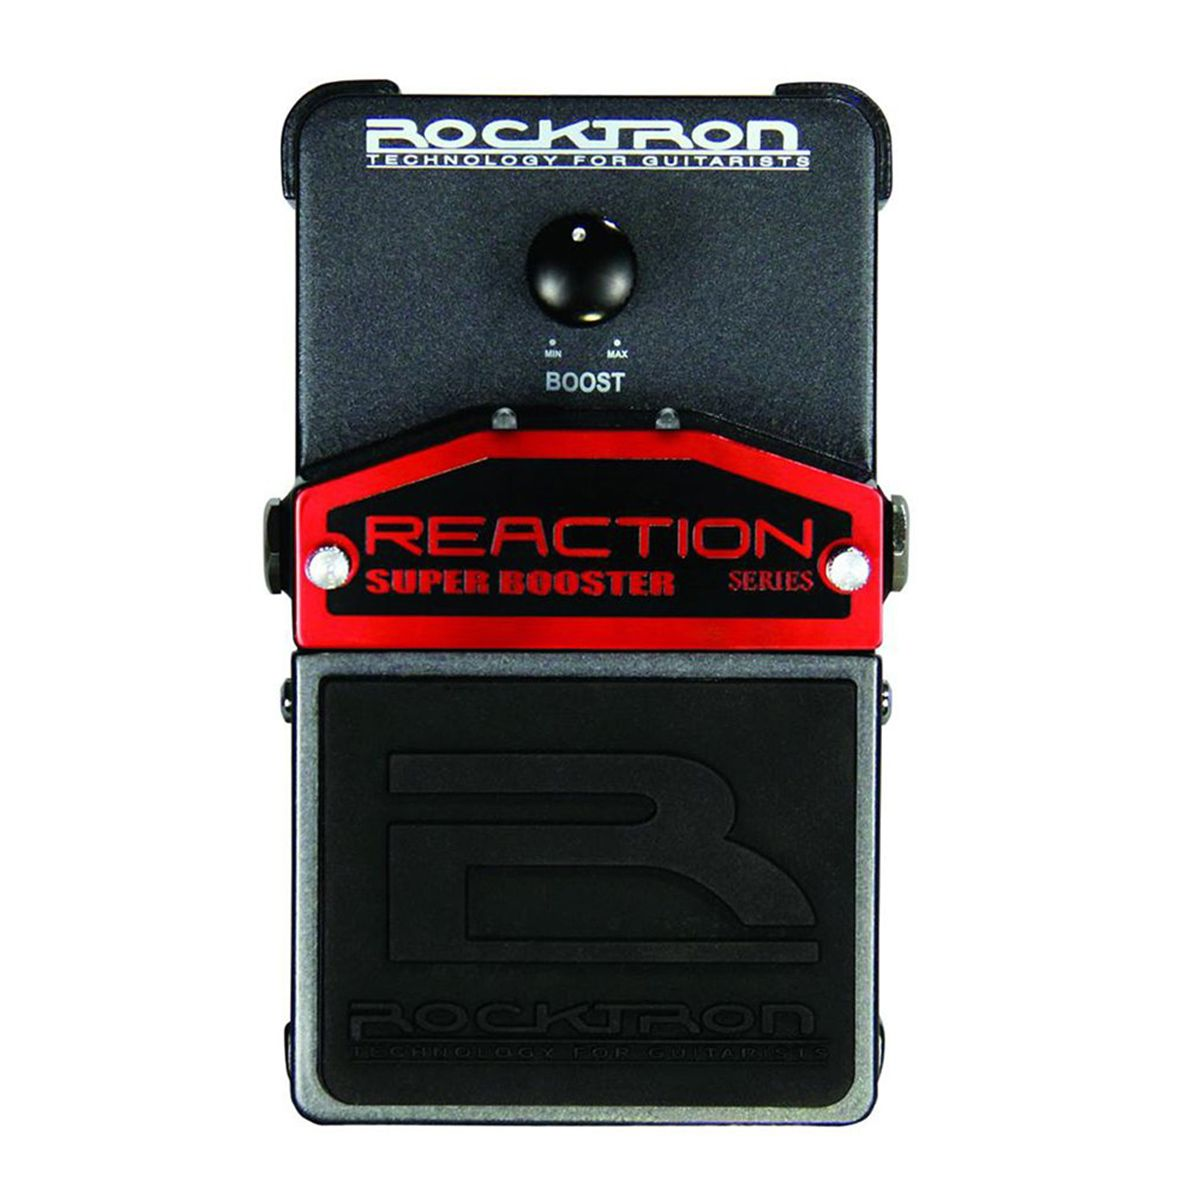 Pedal de Efeitos Rocktron Reaction Super Booster